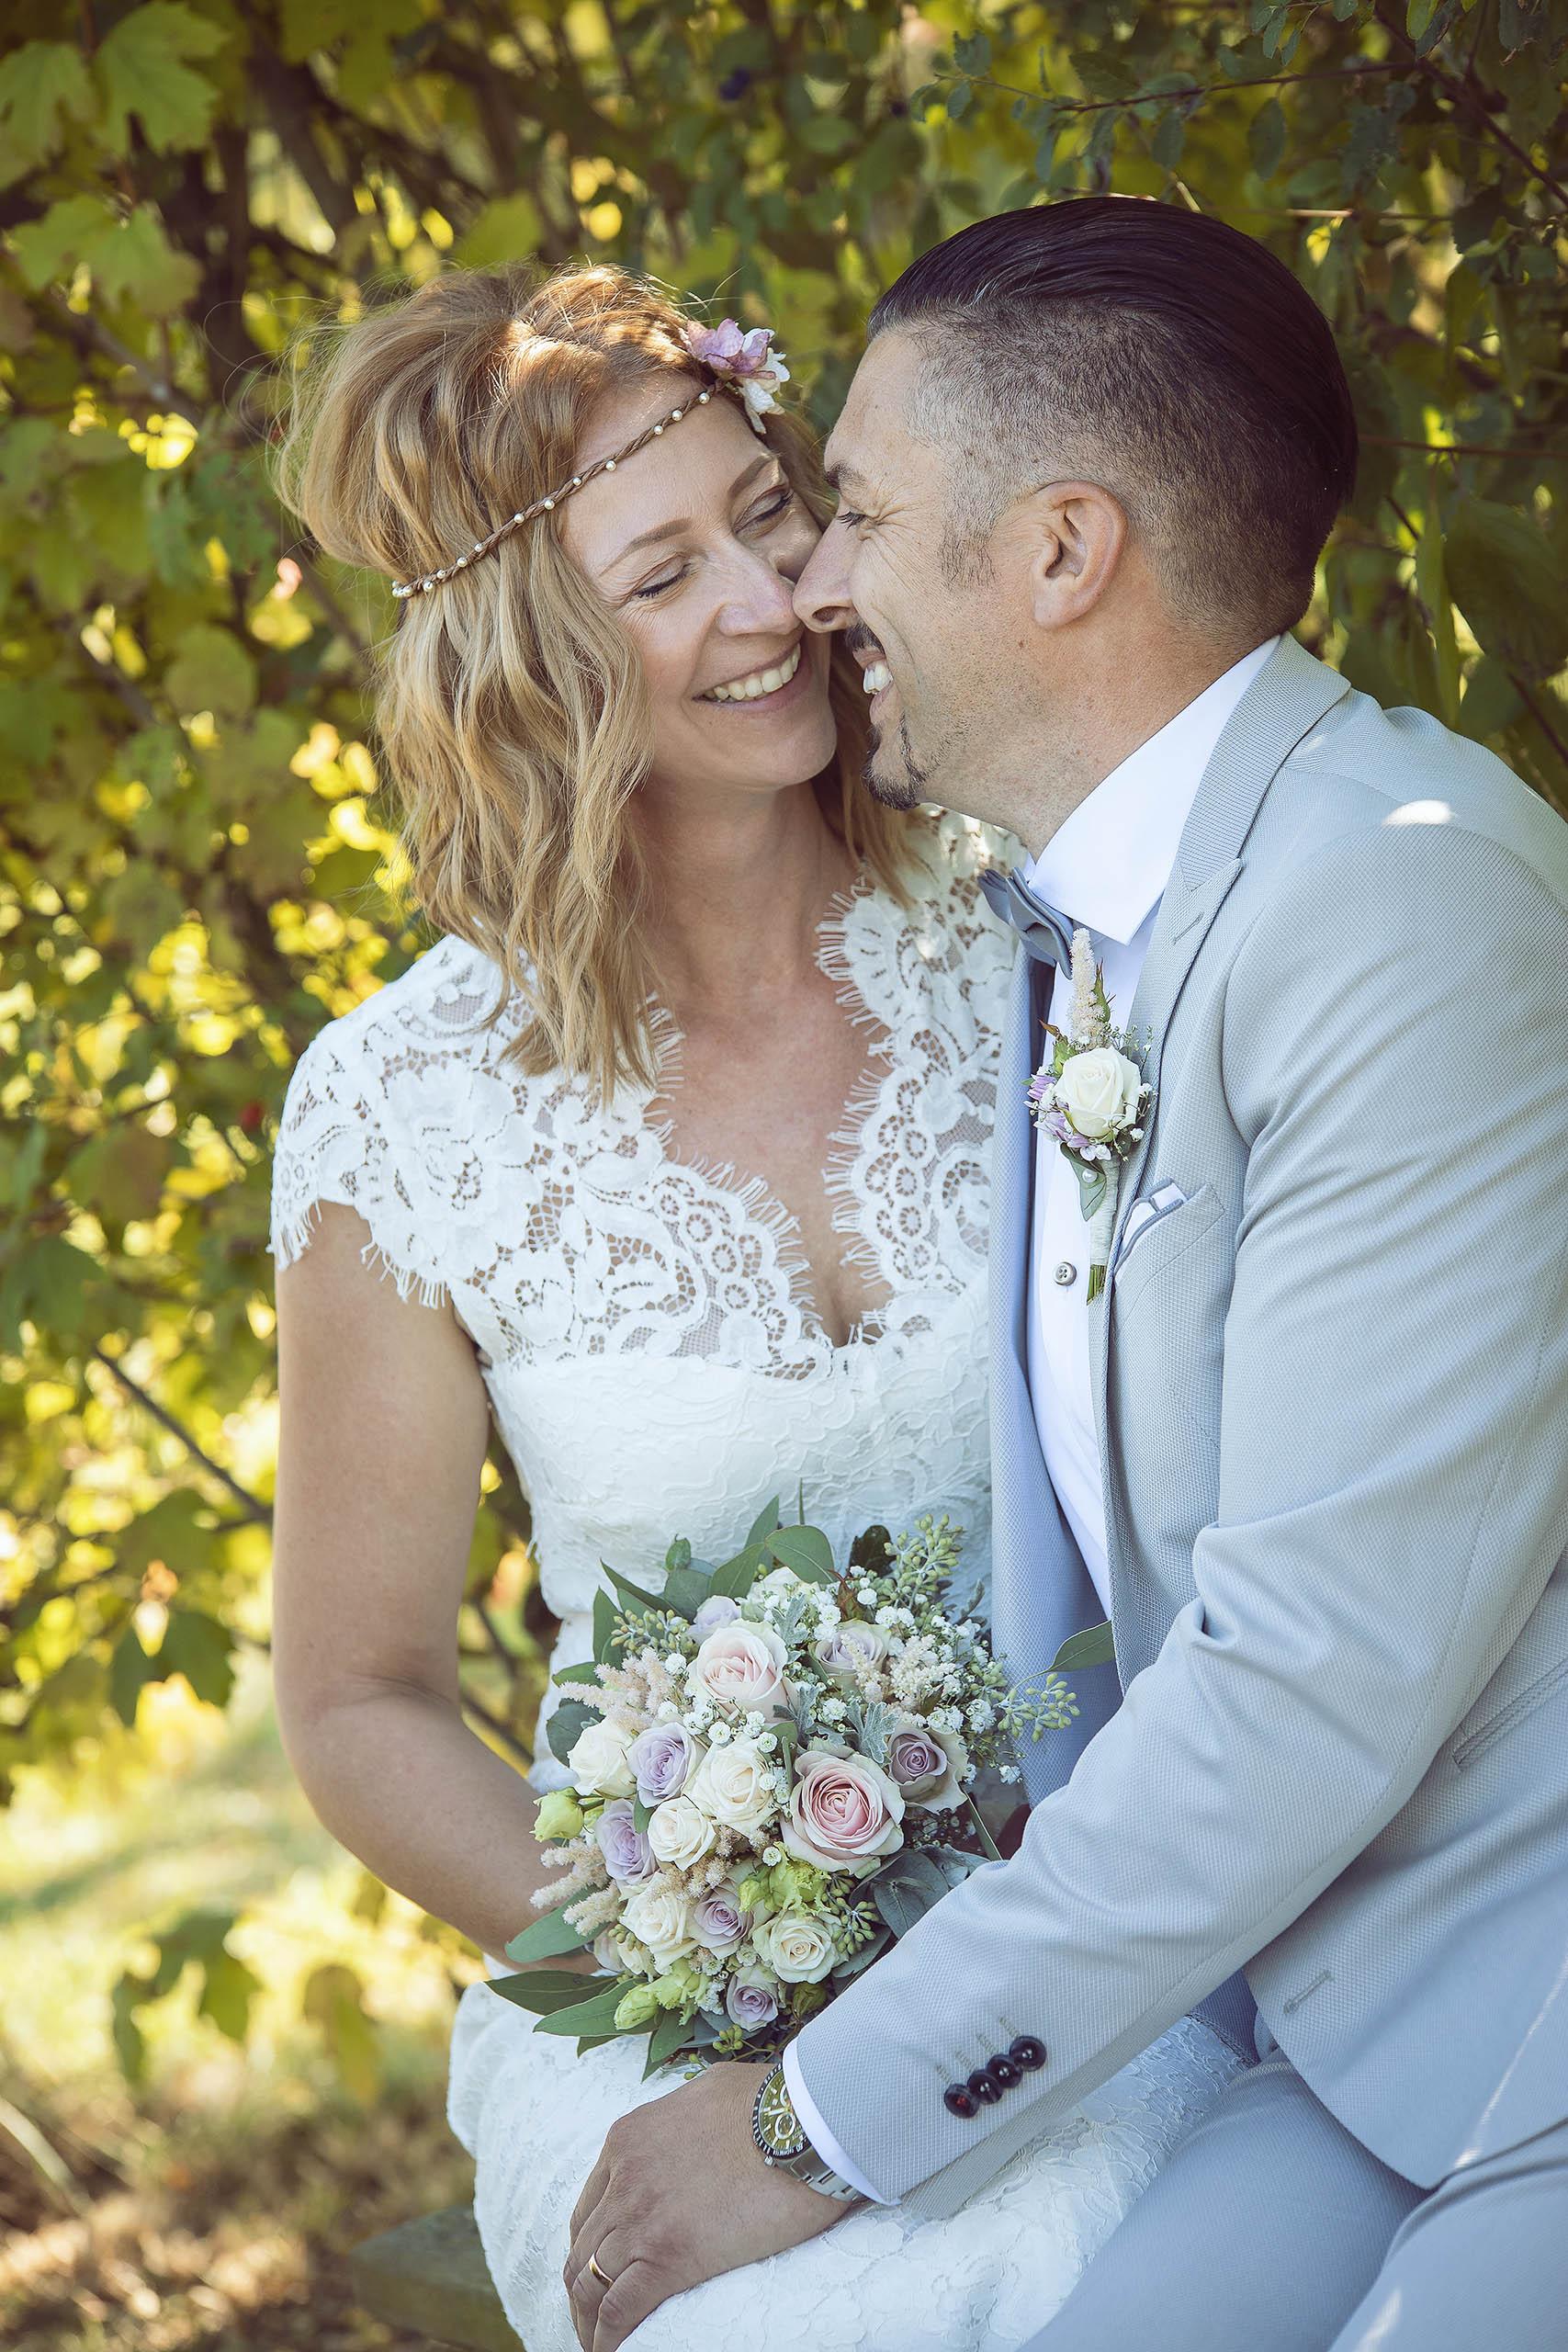 Hochzeitsfotografie auf Gut Herbigshagen